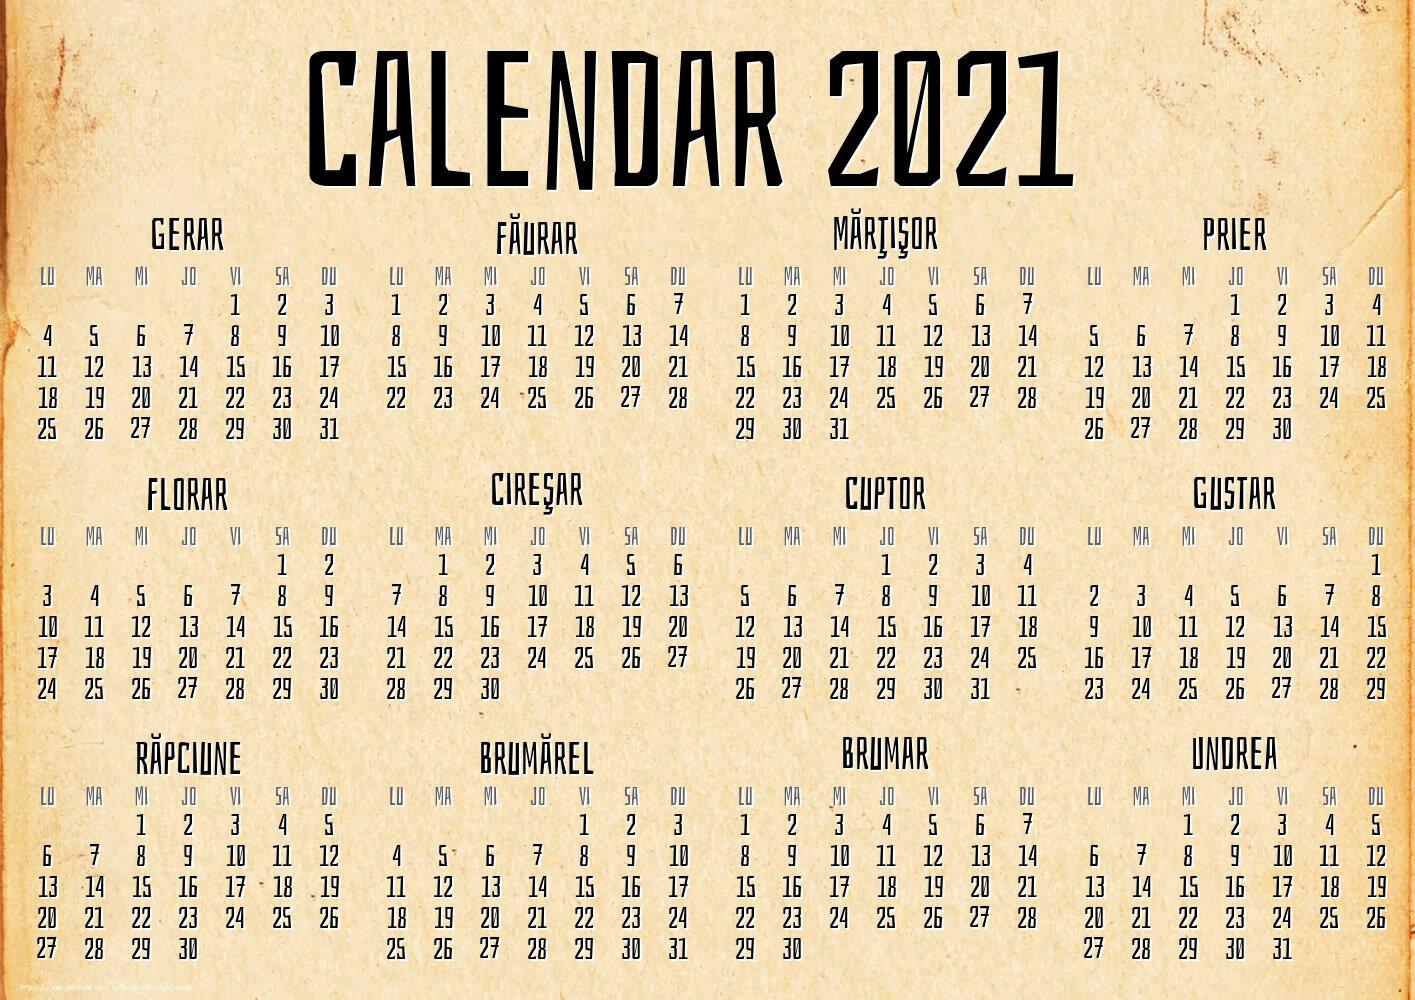 Imagini cu calendare - Vintage - Model 2 (Lunile anului popular)